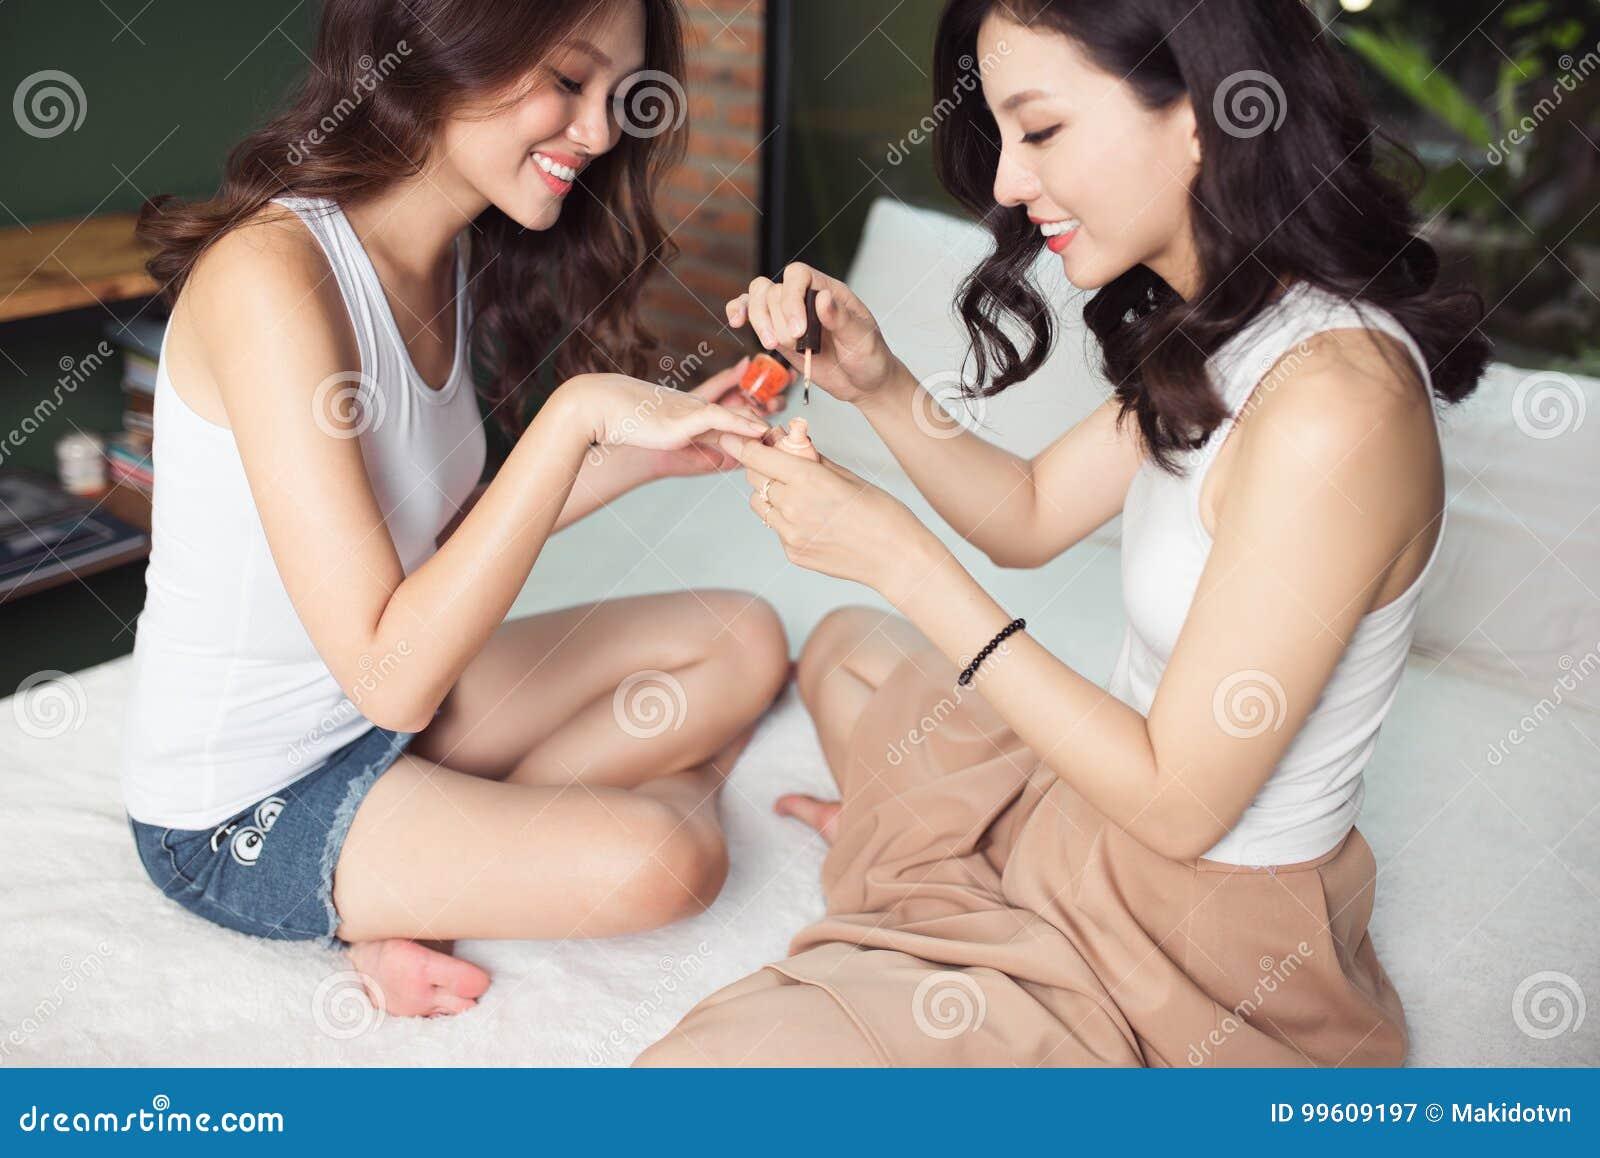 Due Donne Asiatiche Nella Camera Da Letto Sul Letto ...